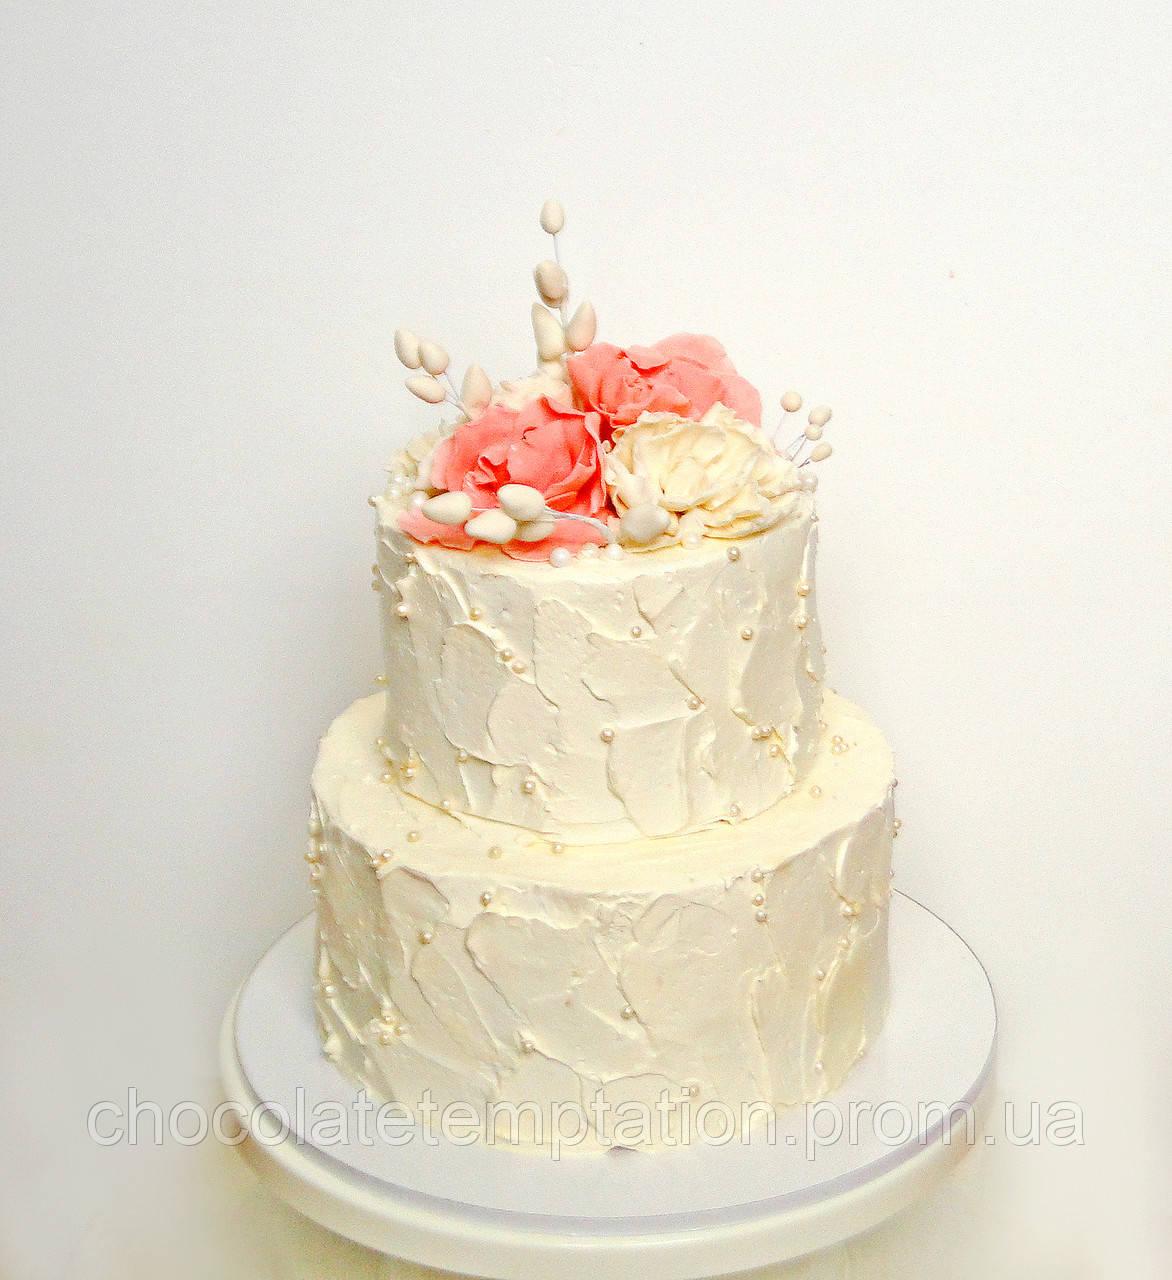 Свадебные торты (с мастикой, без мастики, муссовые, веганские), фото 1